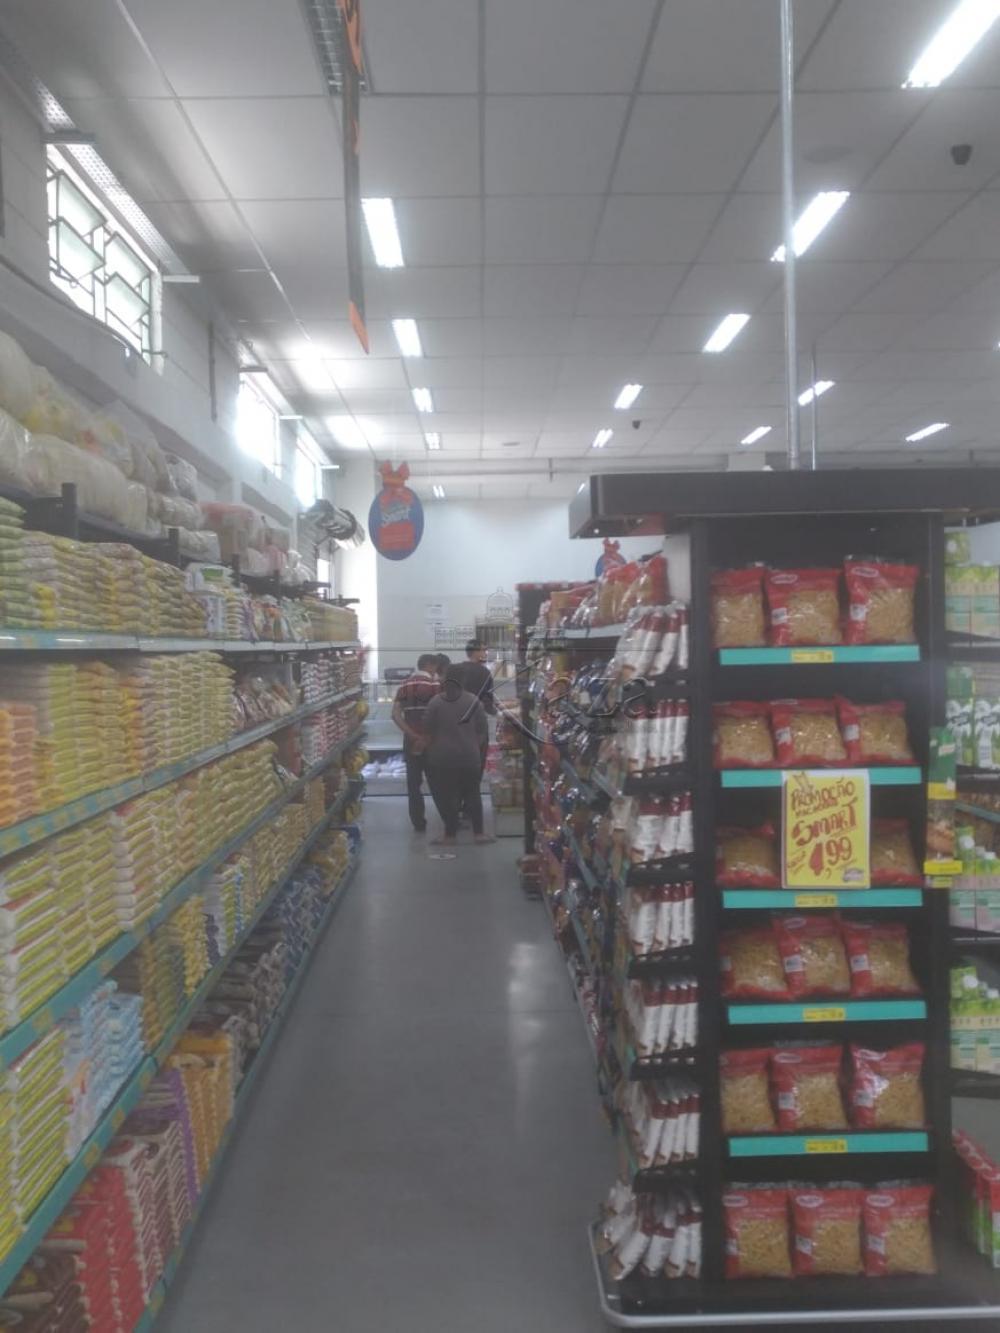 Comprar Comercial / Fundo de Comércio em São José dos Campos apenas R$ 1.500.000,00 - Foto 4